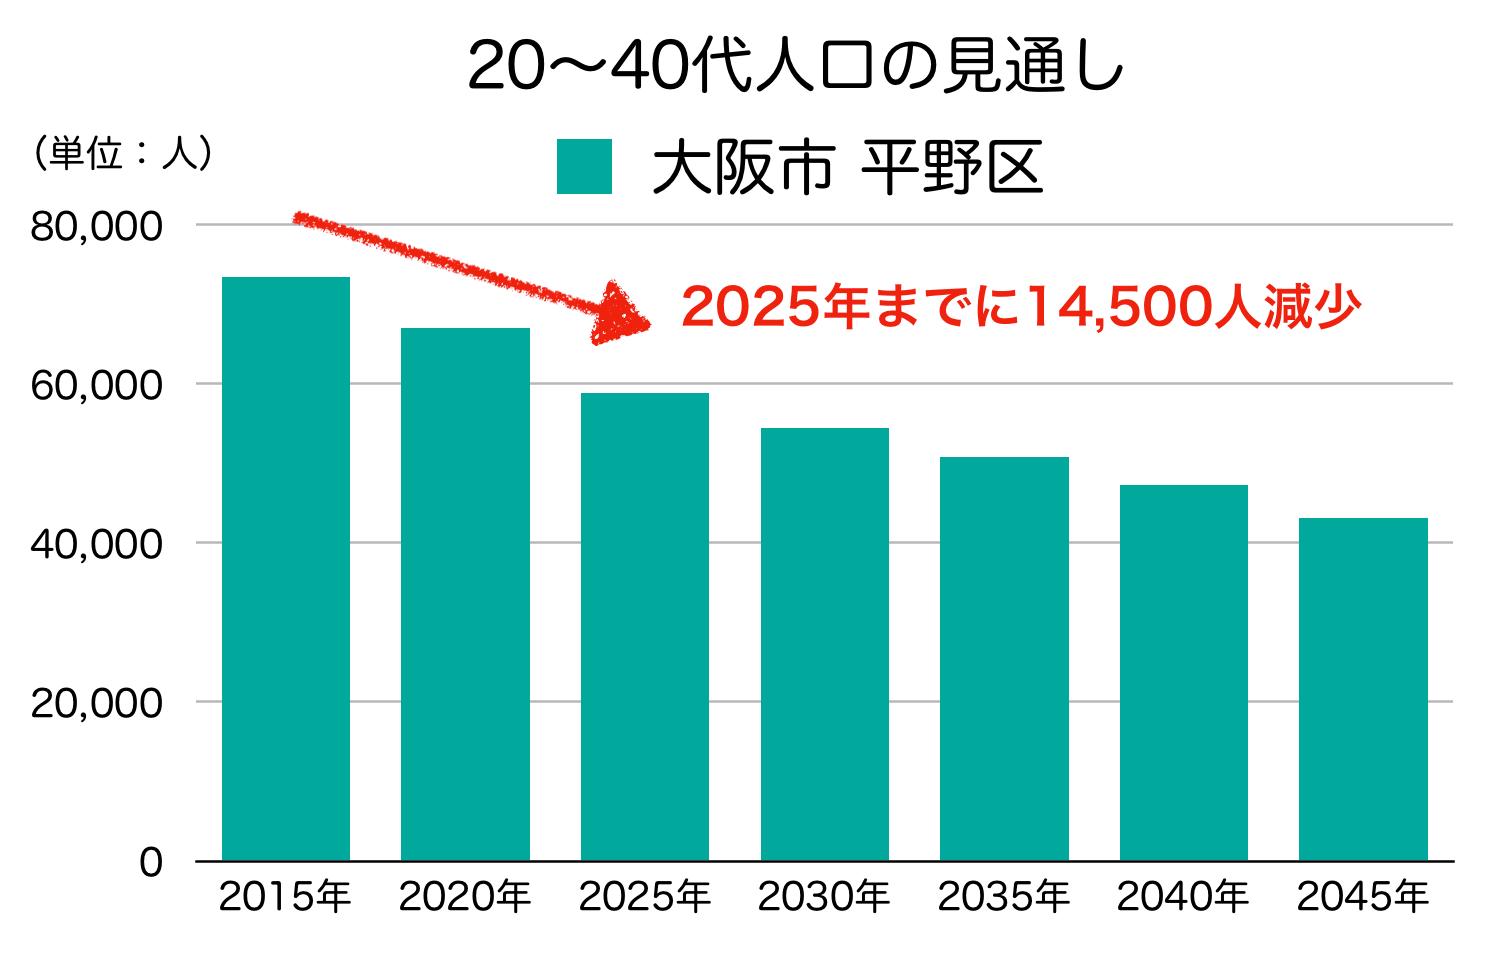 平野区の20〜40代人口の予測